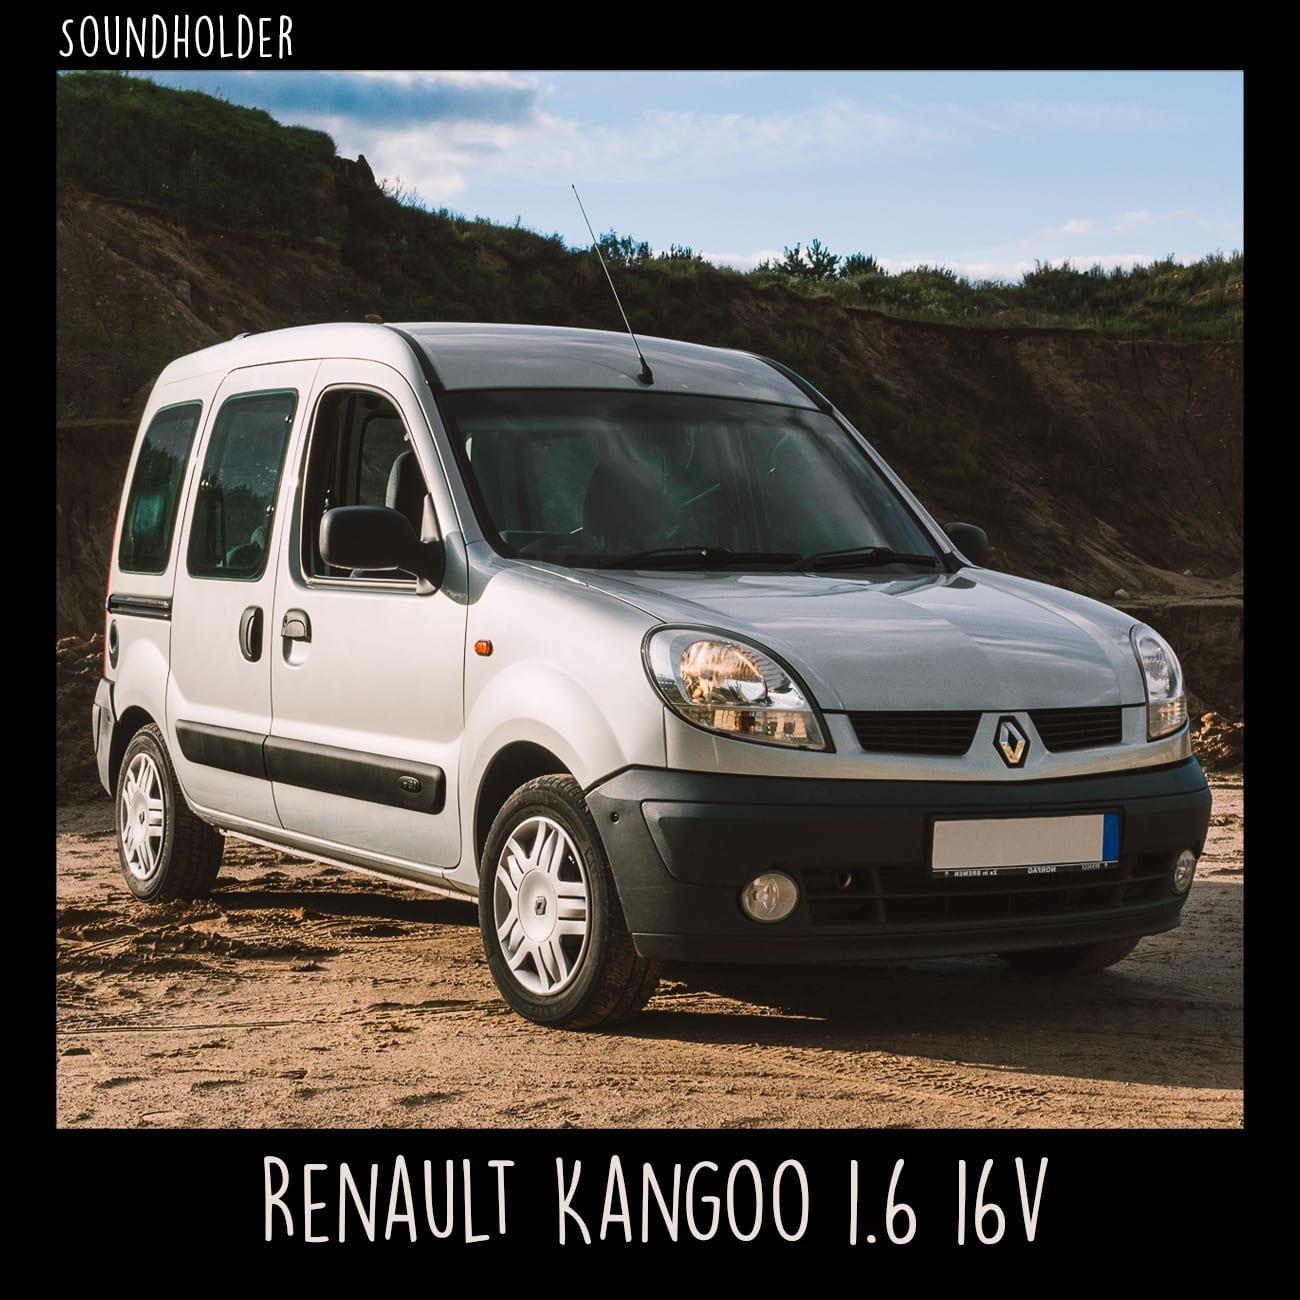 renault-kangoo-asfx